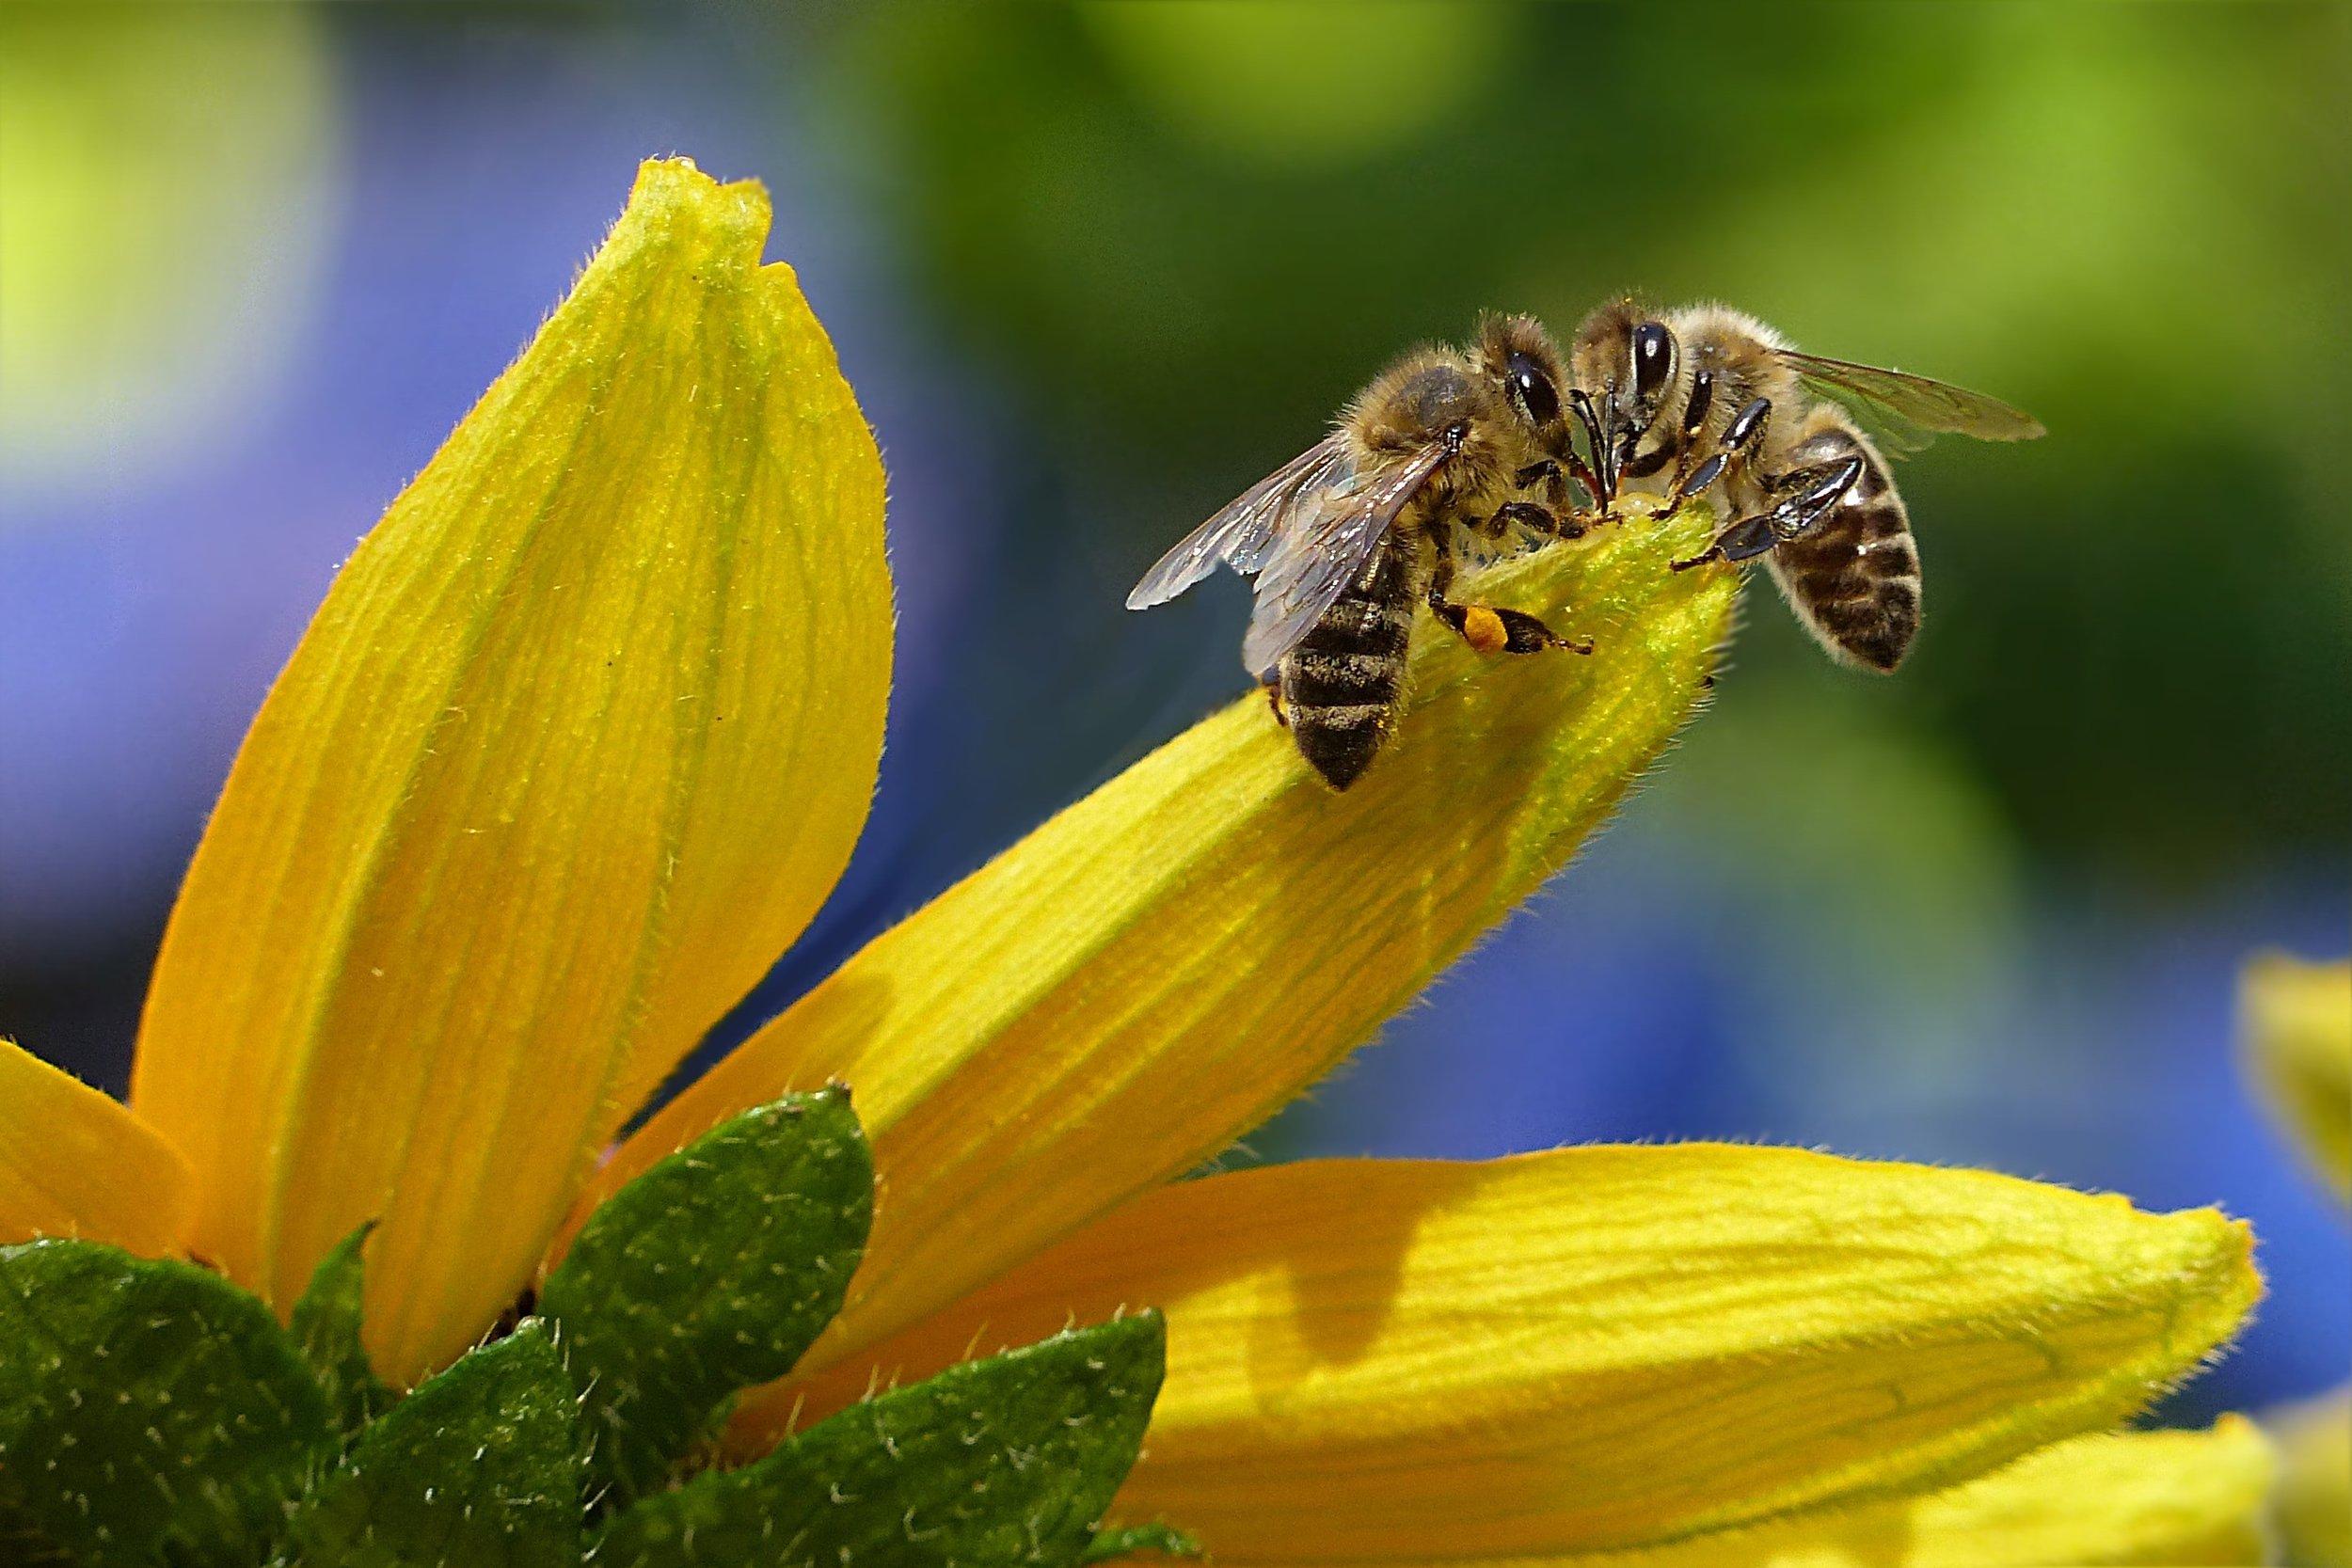 bees-bloom-blur-144252.jpg